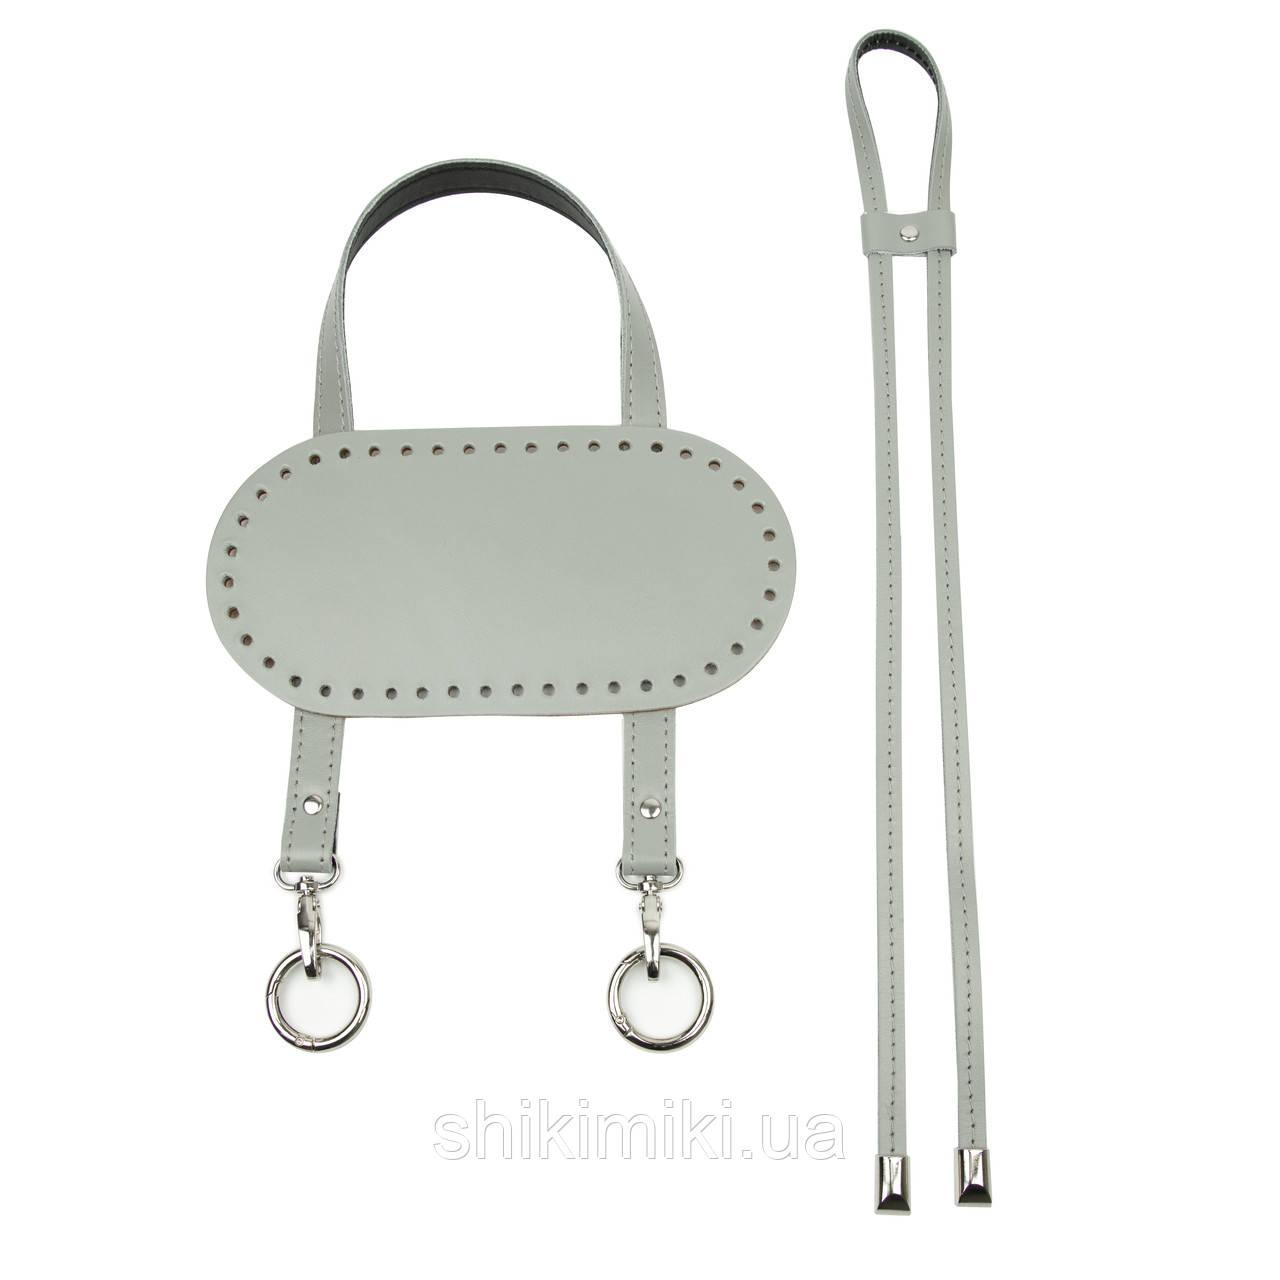 Комплект для сумки Торба з натуральної шкіри, колір сірий